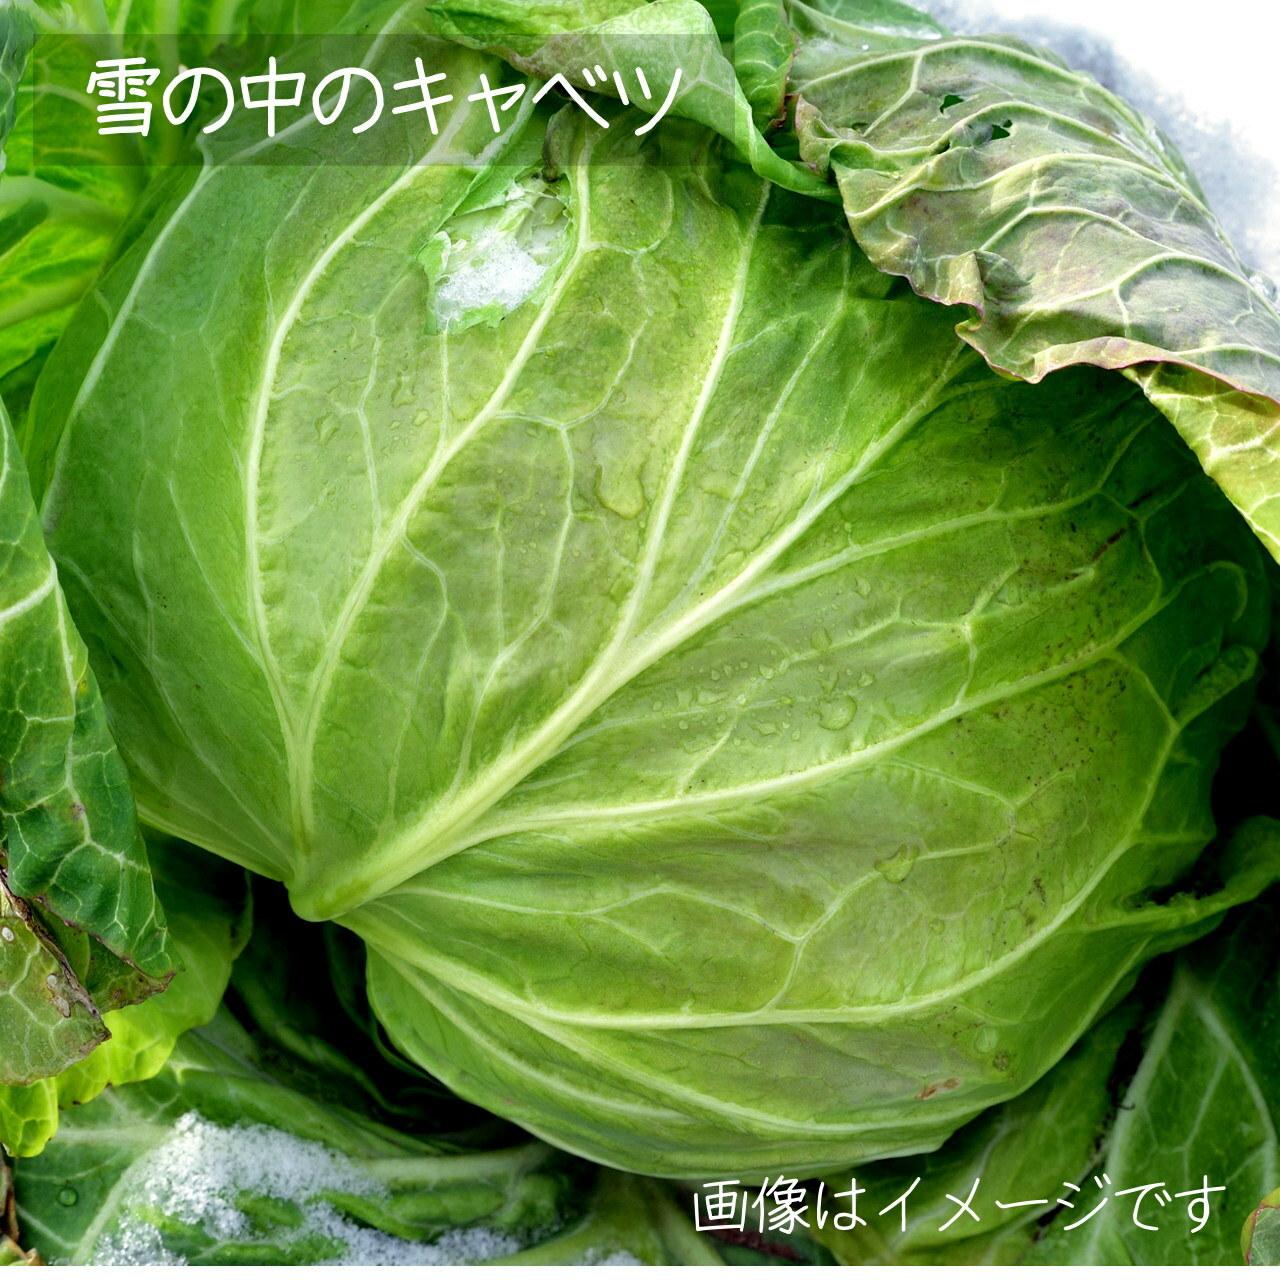 キャベツ 1個 1月の朝採り直売野菜 新鮮な冬野菜 1月18日発送予定